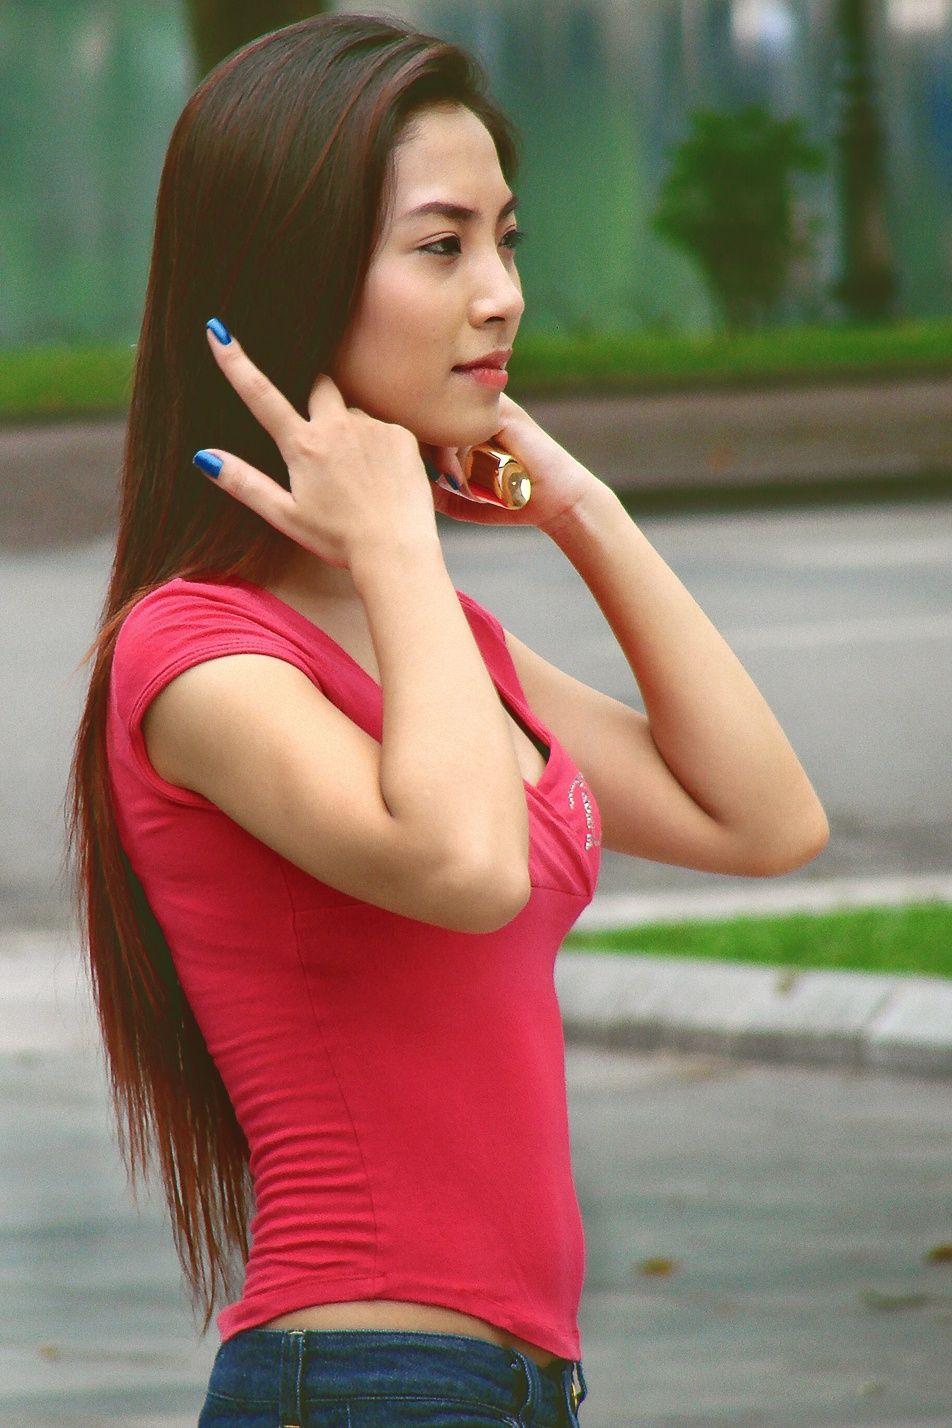 Beautiful women in public